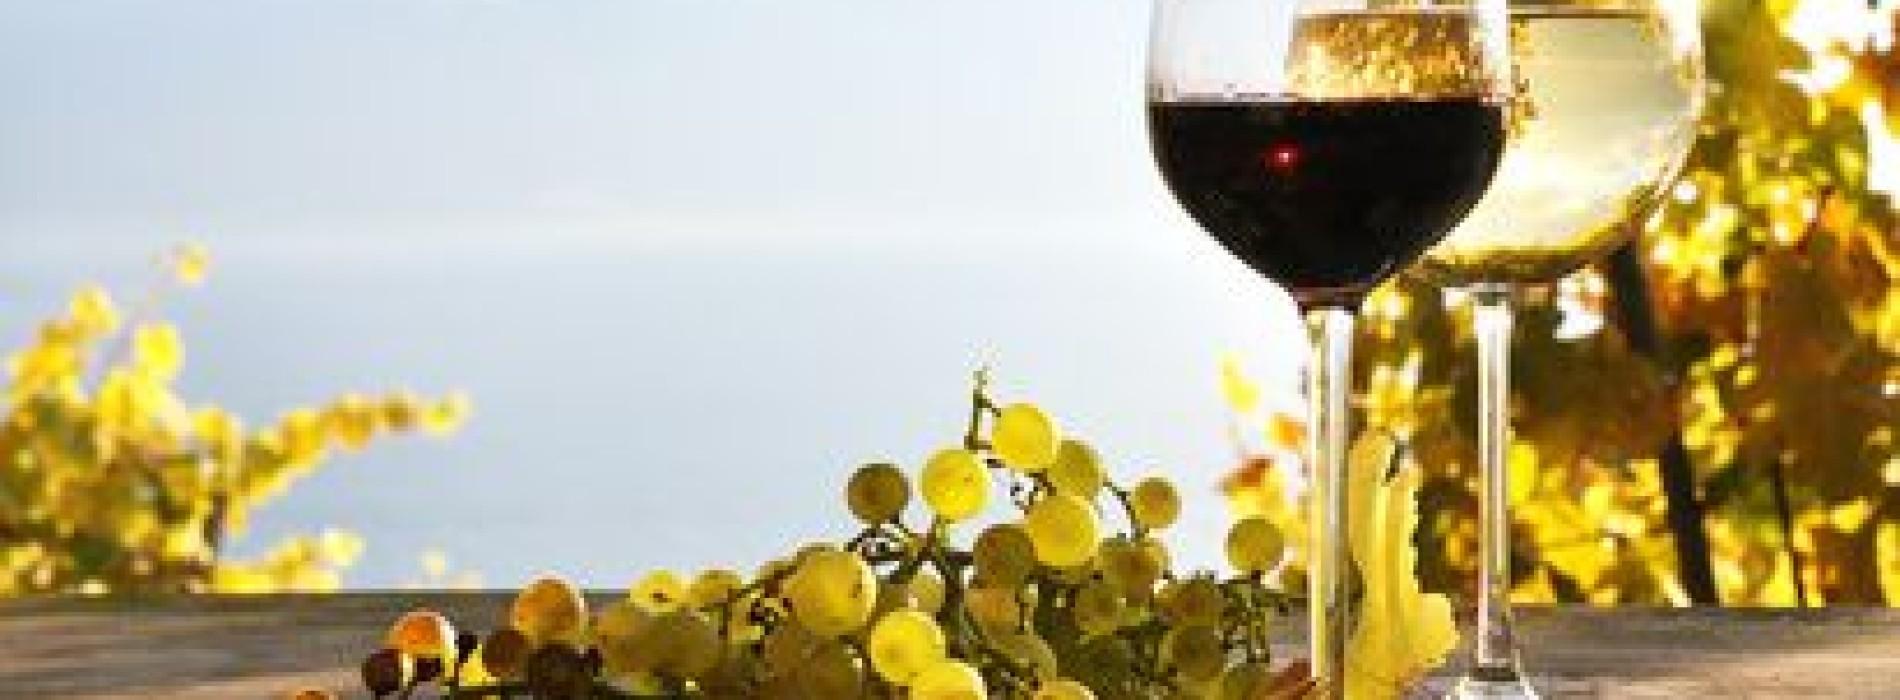 Al Vinitaly 2015 i vini biologici e naturali: seminari e degustazioni per conoscerli meglio